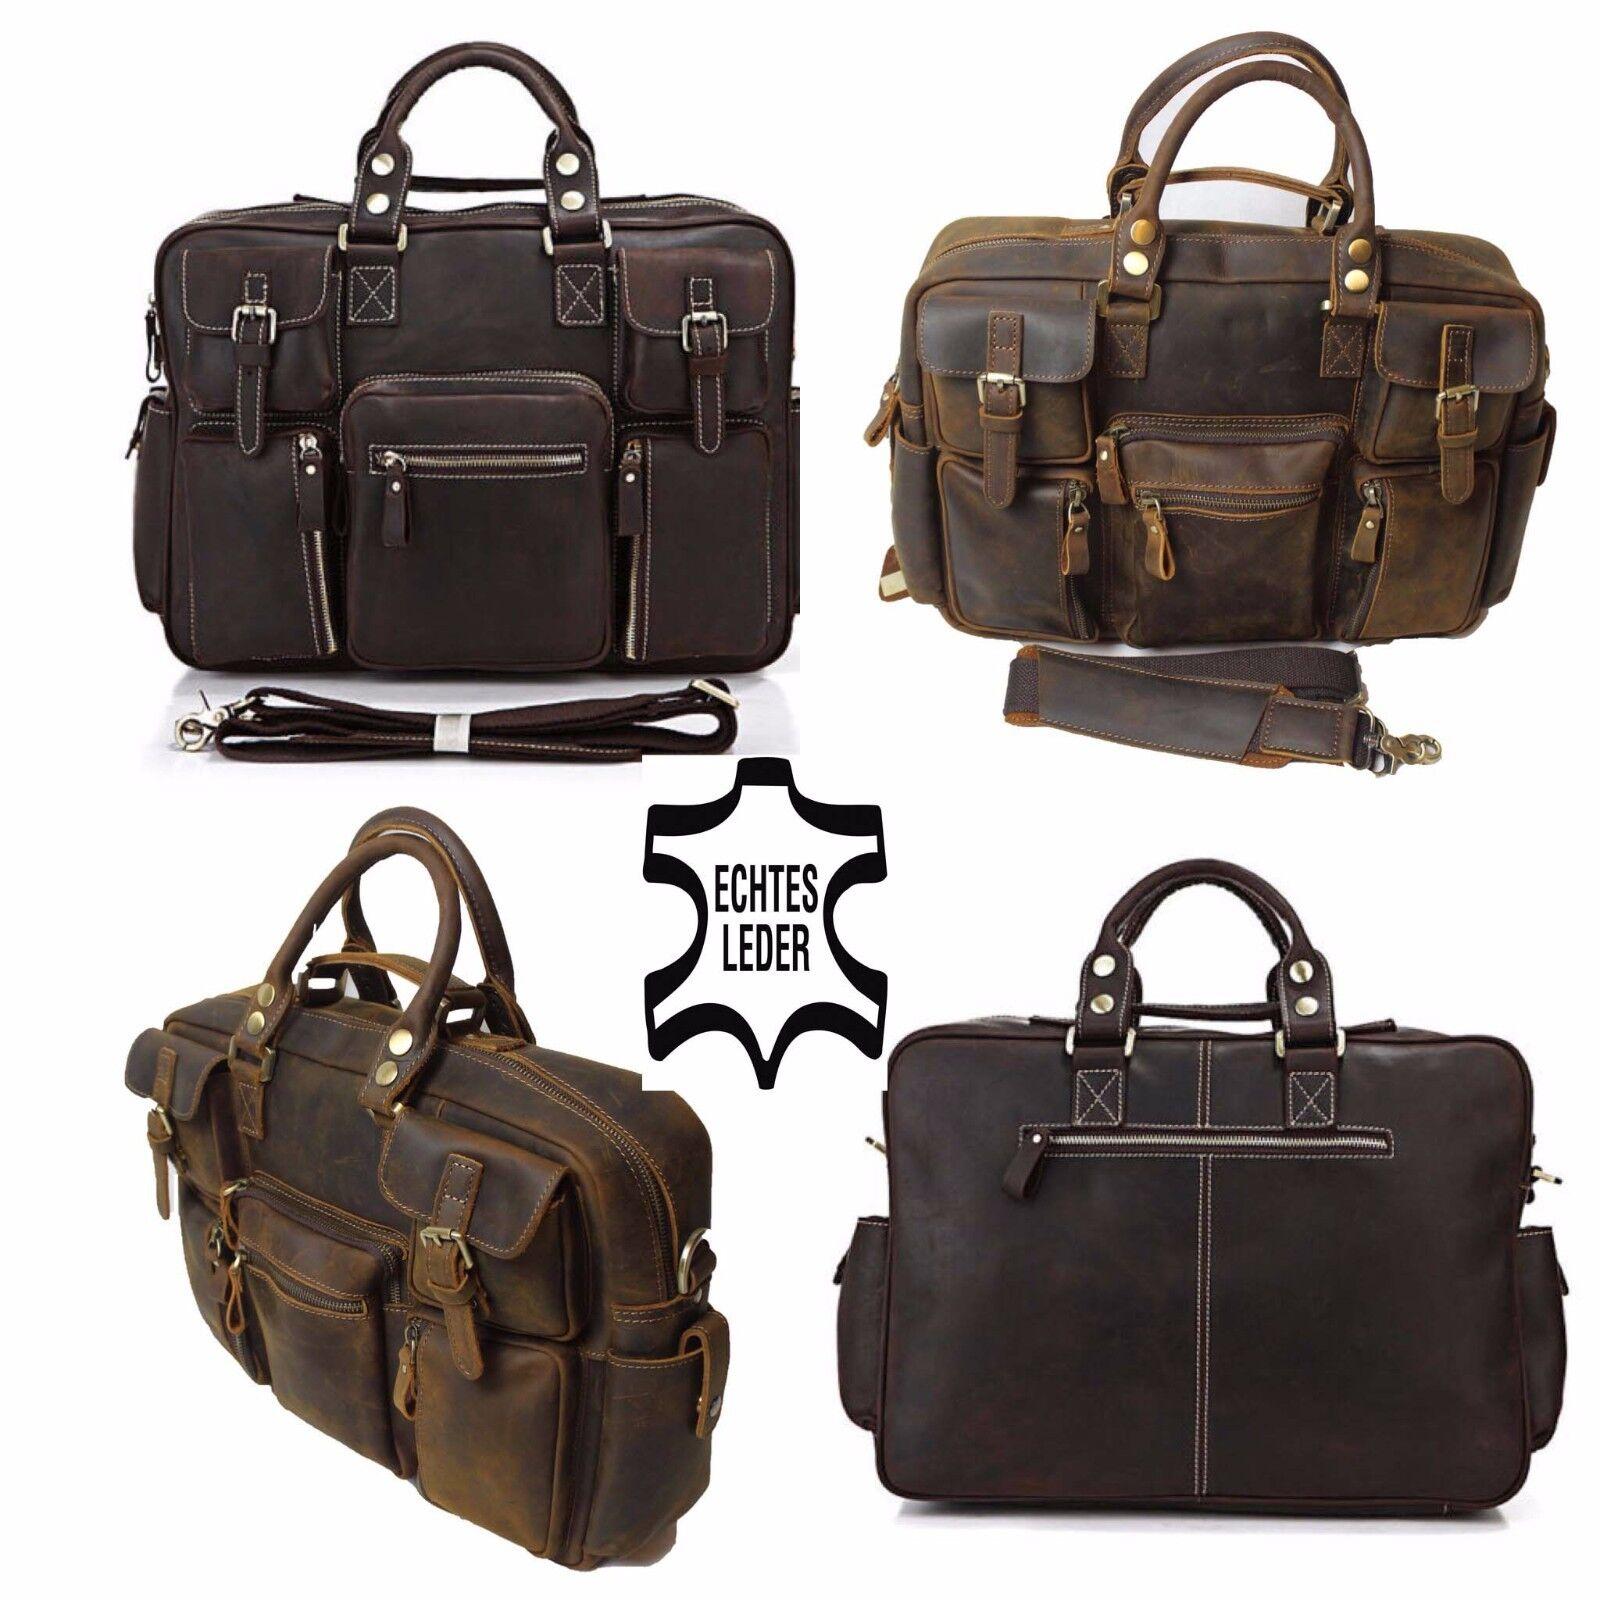 Echtes Leder Aktentasche Schultertasche Braun Messengertasche Umhängetasche 165   Einzigartig    Marke    Kostengünstig